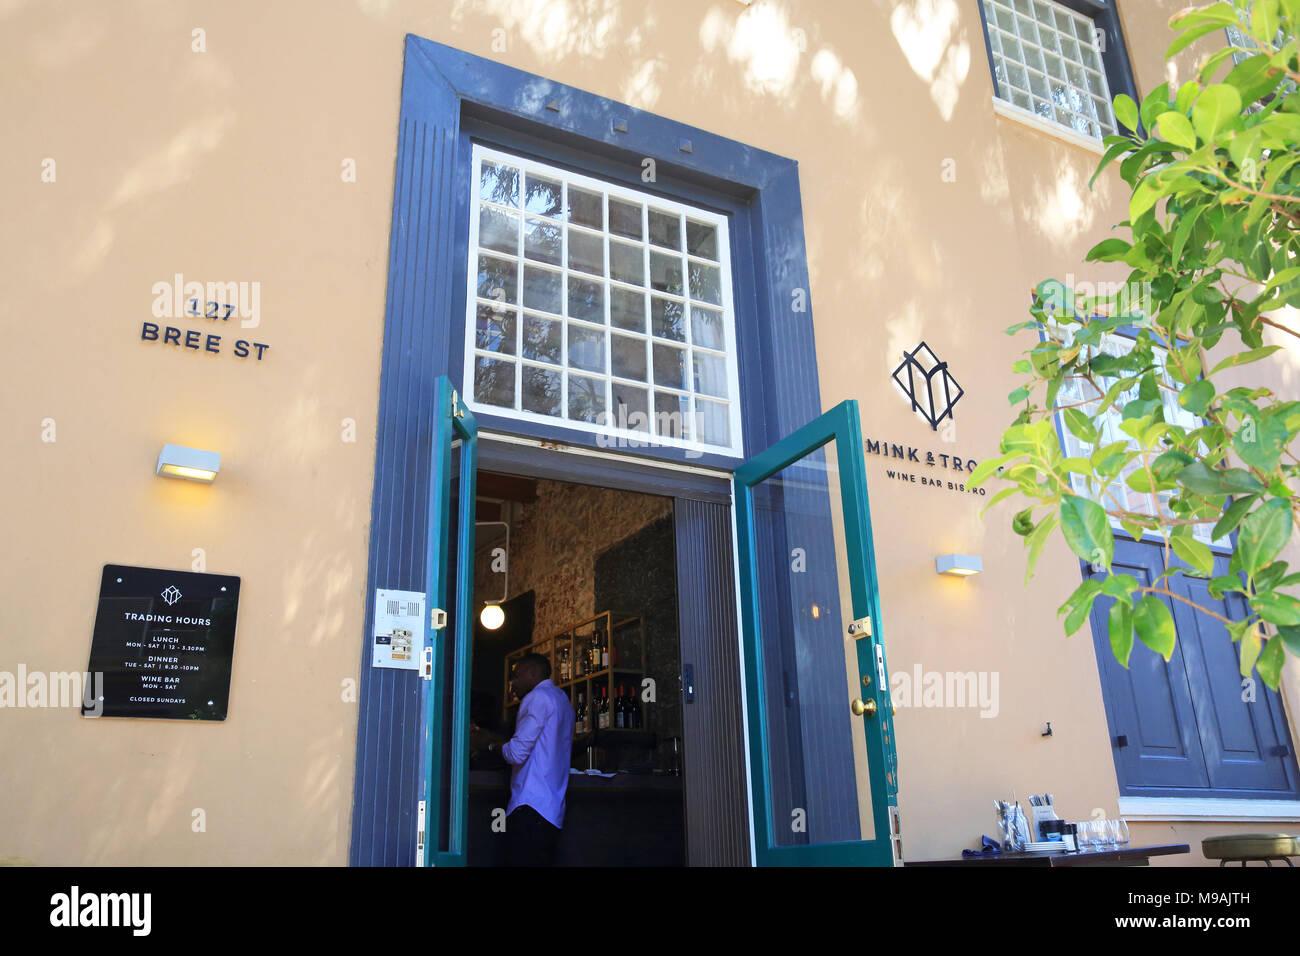 Di visone trota & wine bar e bistro su Bree Street, il più cool street nel centro di Città del Capo in Sud Africa Immagini Stock